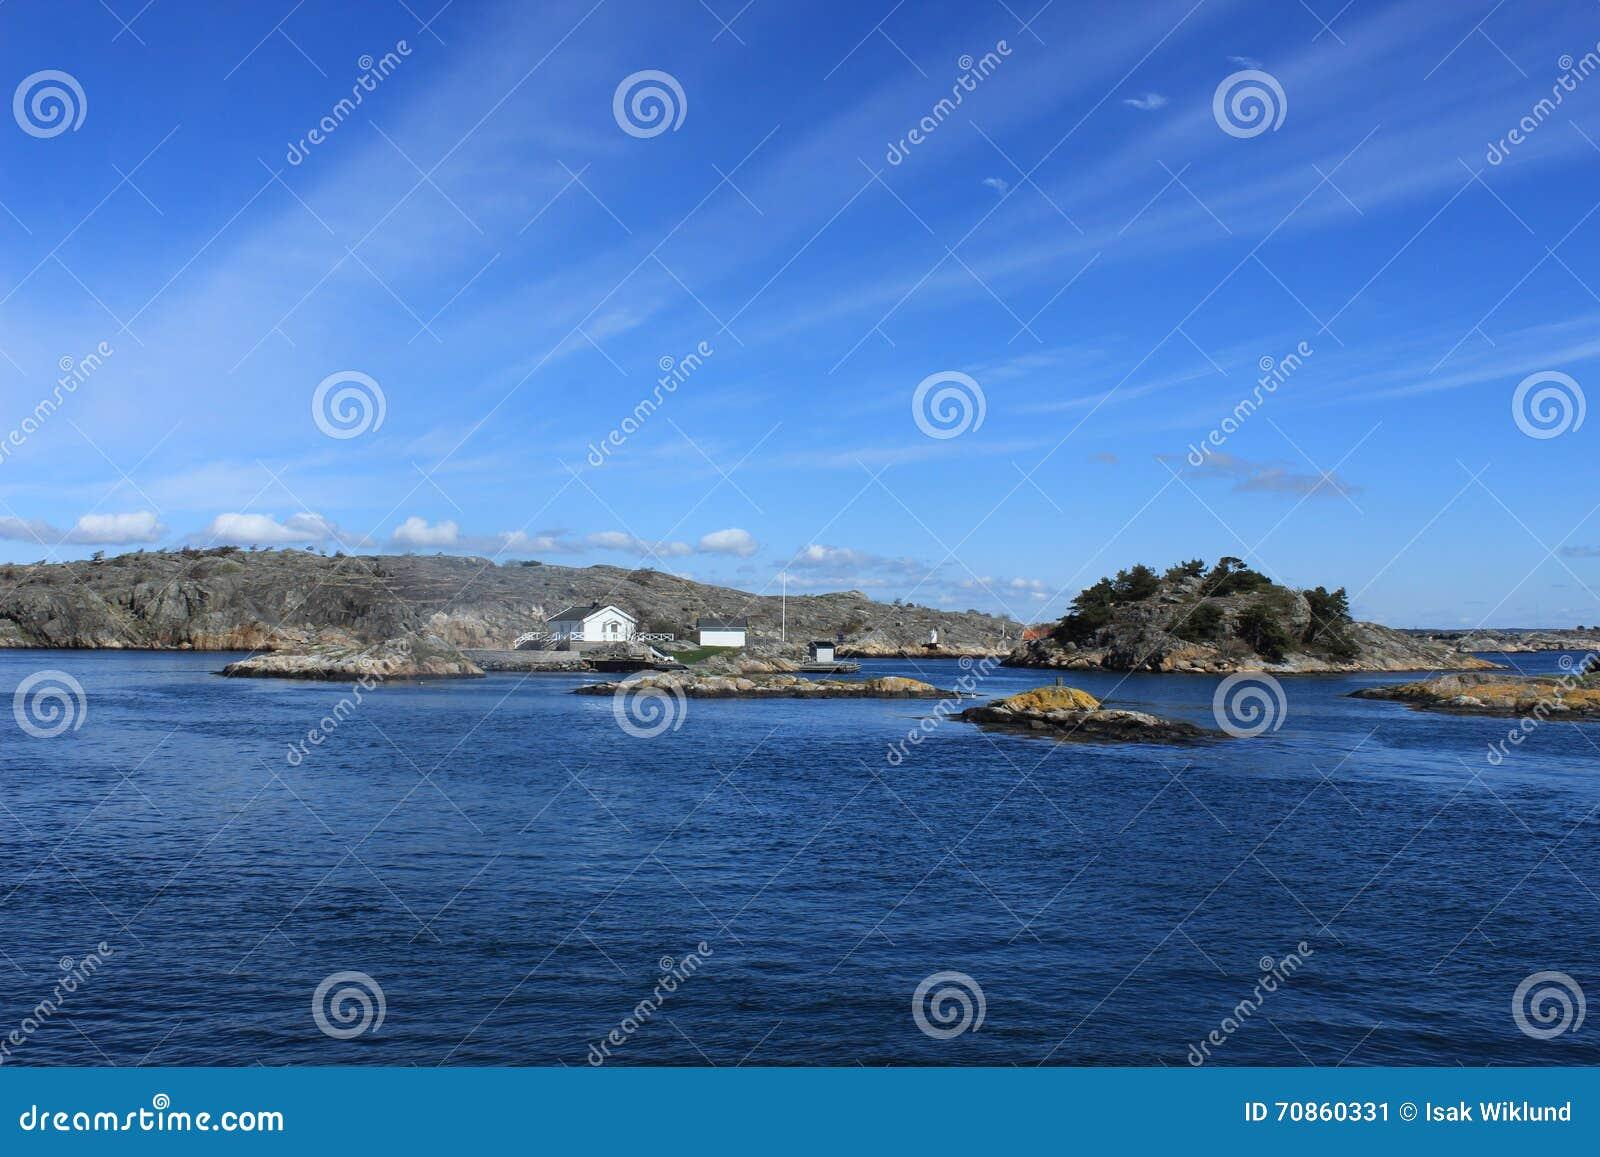 哥特人,瑞典,海,海洋群岛背景,大西洋,斯堪的那维亚